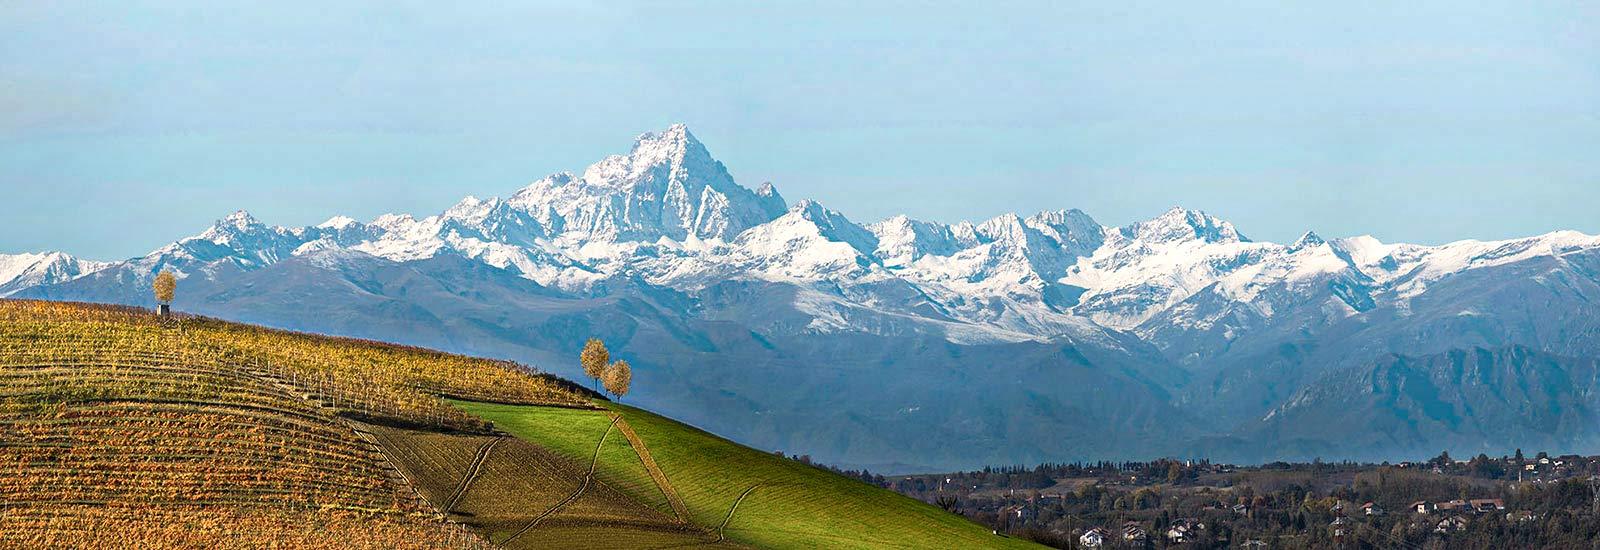 Charakteristisch für das Piemont ist nördliche Lage am Fuße der höchsten Berge der Ostalpen